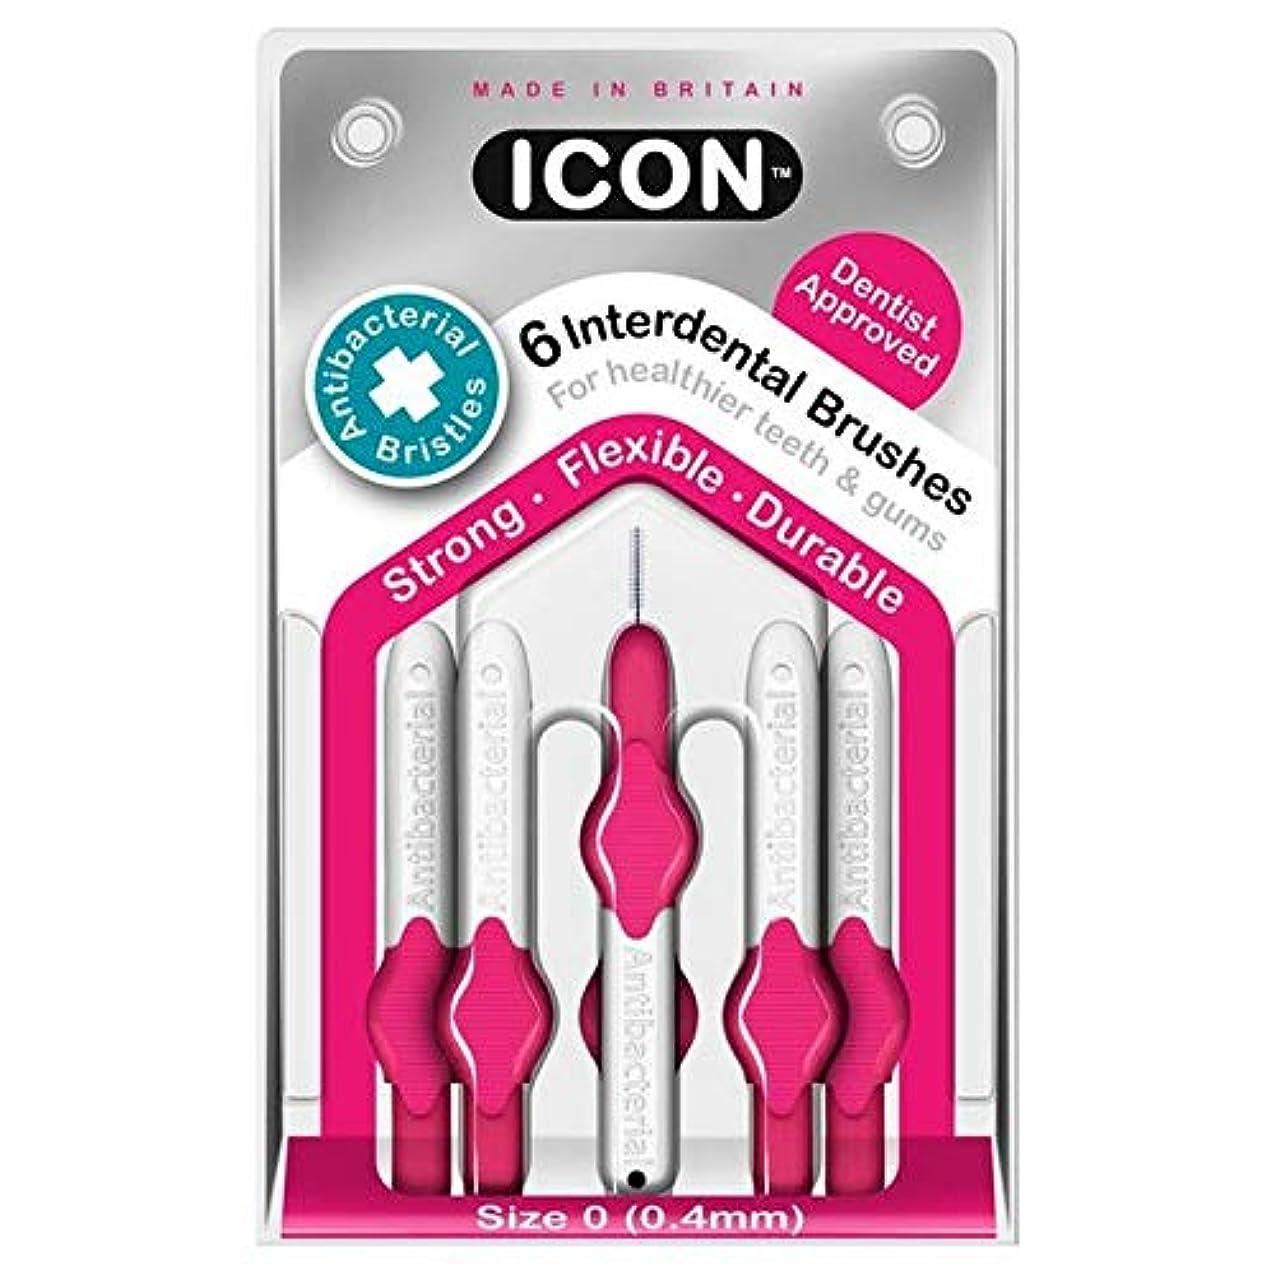 余暇挑む役割[Icon ] アイコンの歯間には、パックあたり0.4ミリメートル6ブラシ - Icon Interdental Brushes 0.4mm 6 per pack [並行輸入品]